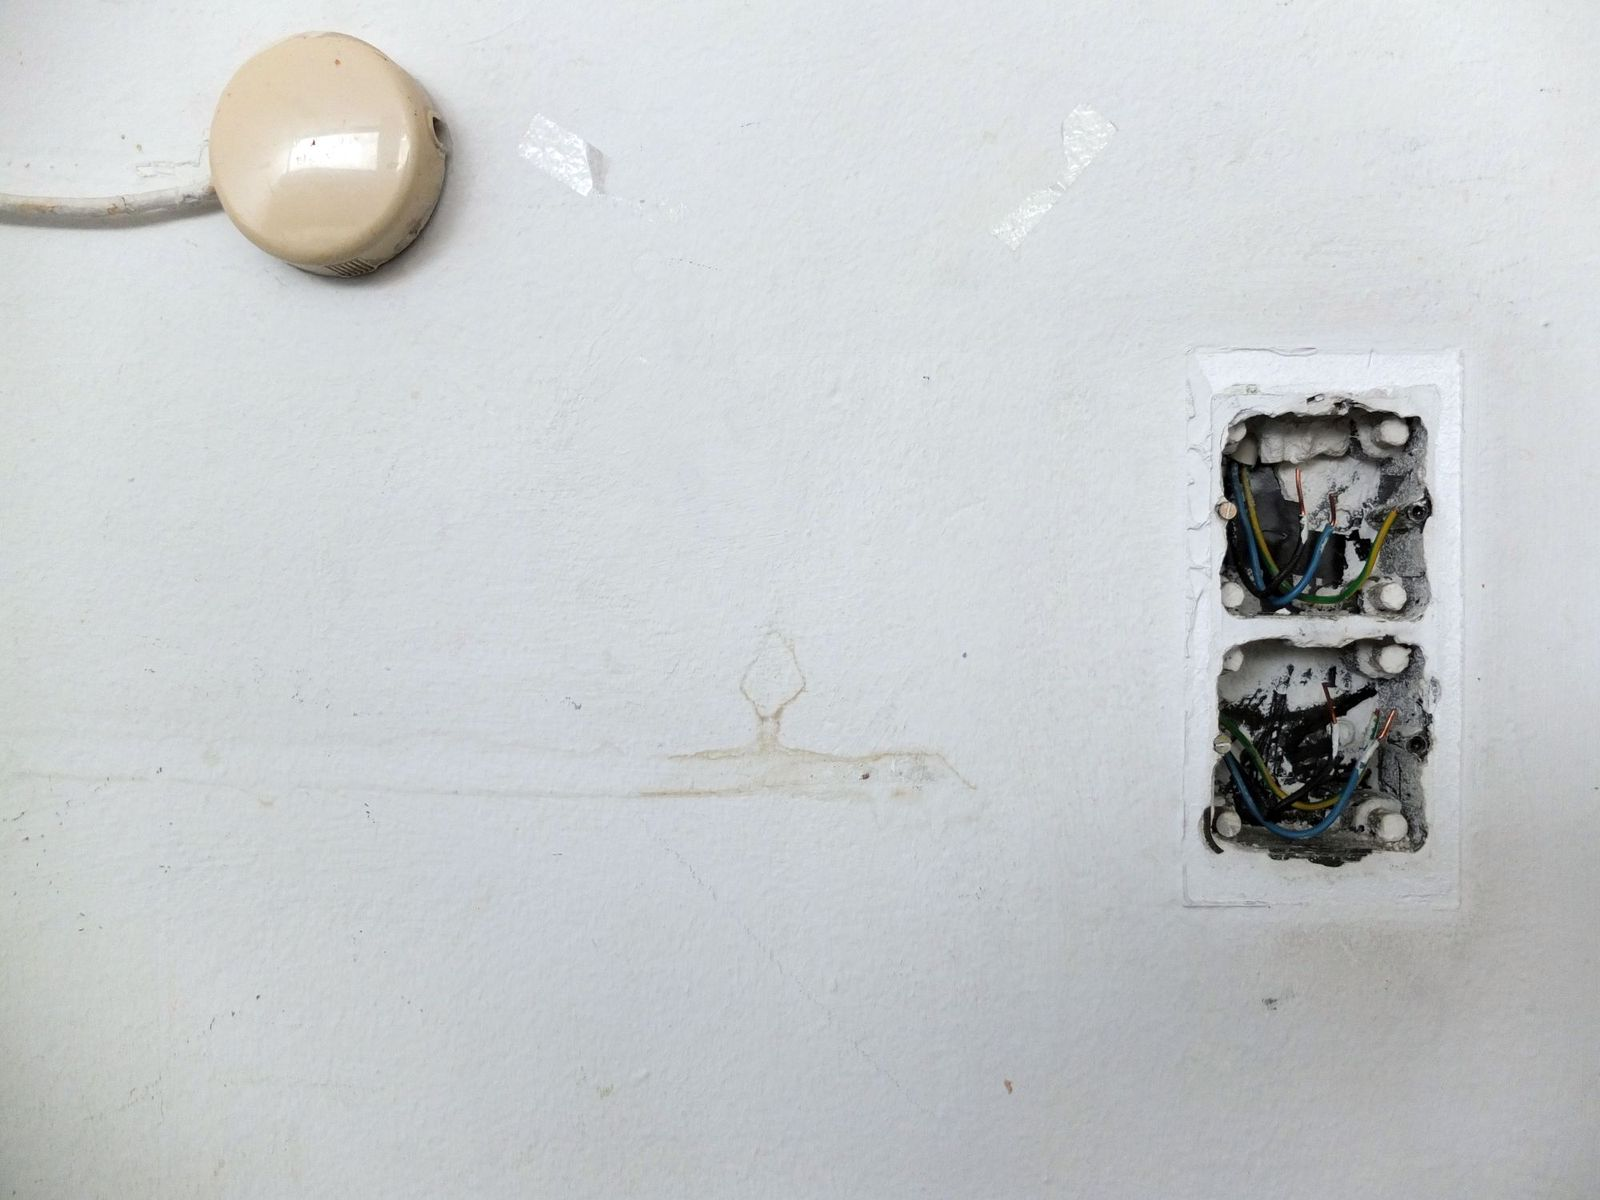 Überbleibsel an der Wand. Foto: schmedding.vonmarlin